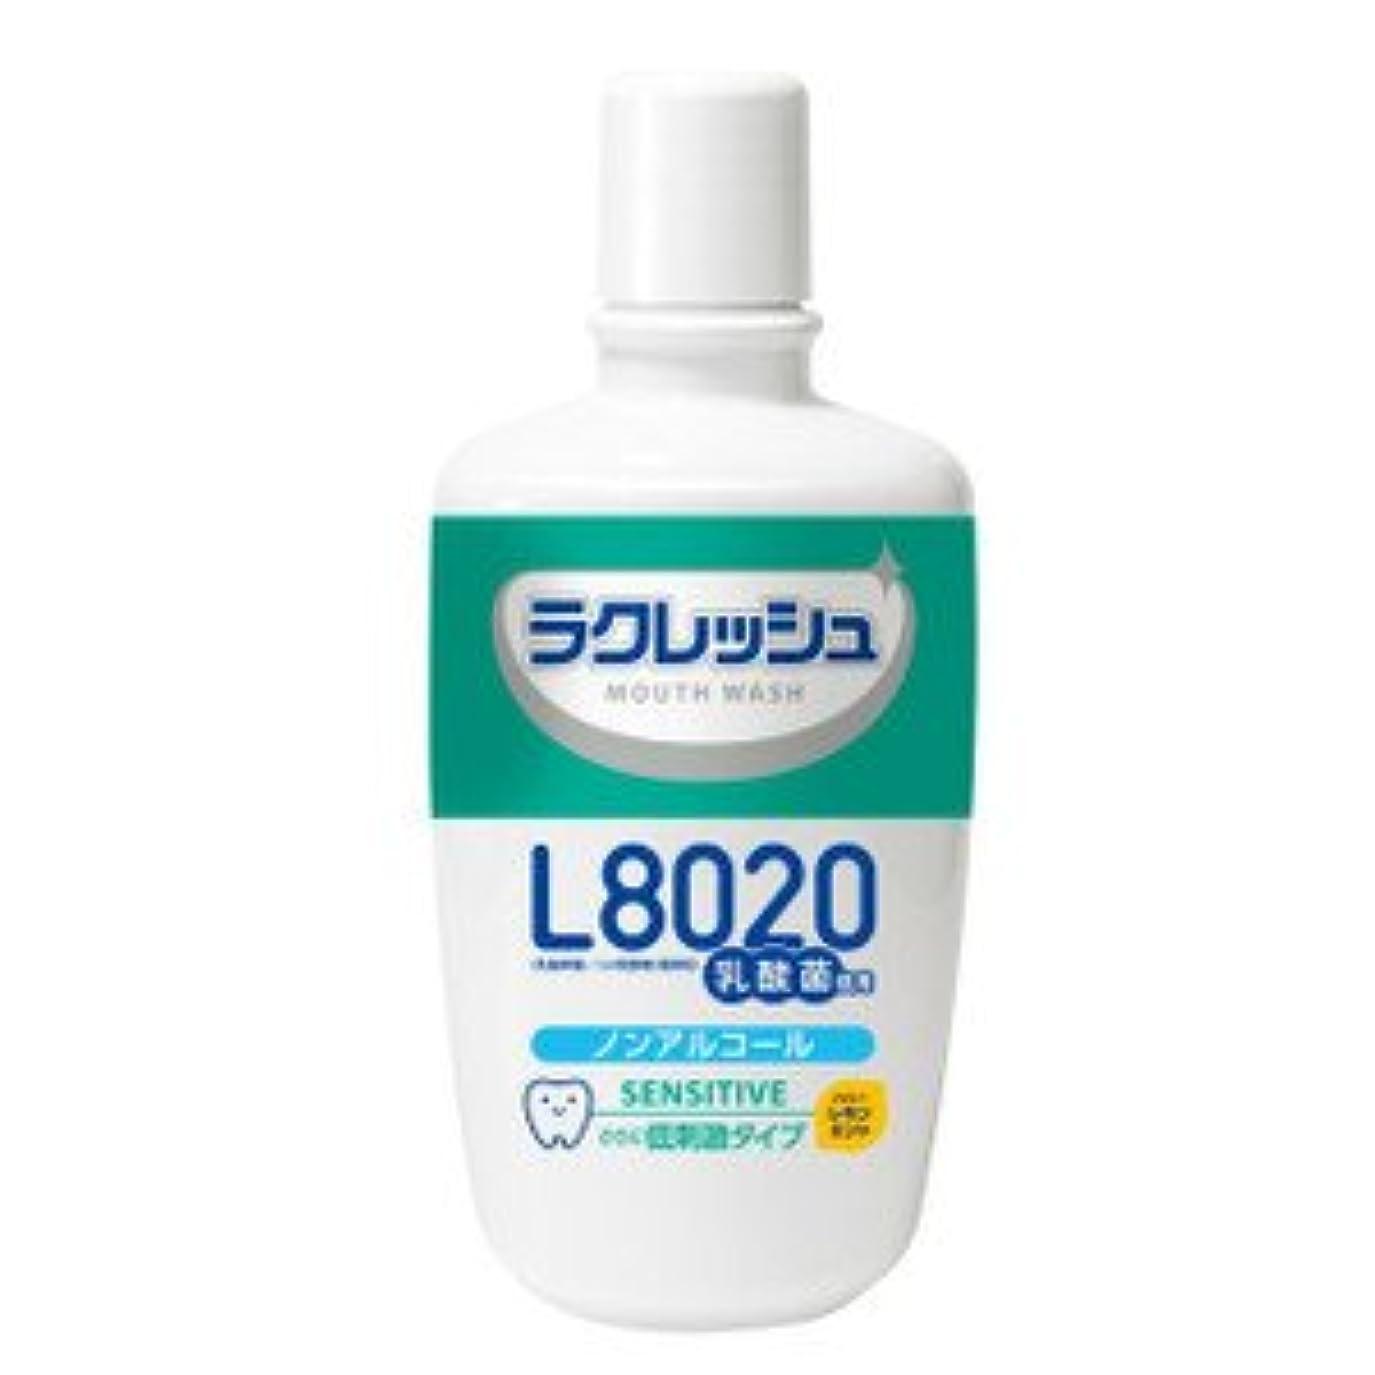 倍増私たちの削減ジェクス ラクレッシュ L8020乳酸菌 マウスウォッシュ 洗口液センシティブタイプ 300ml×10個セット